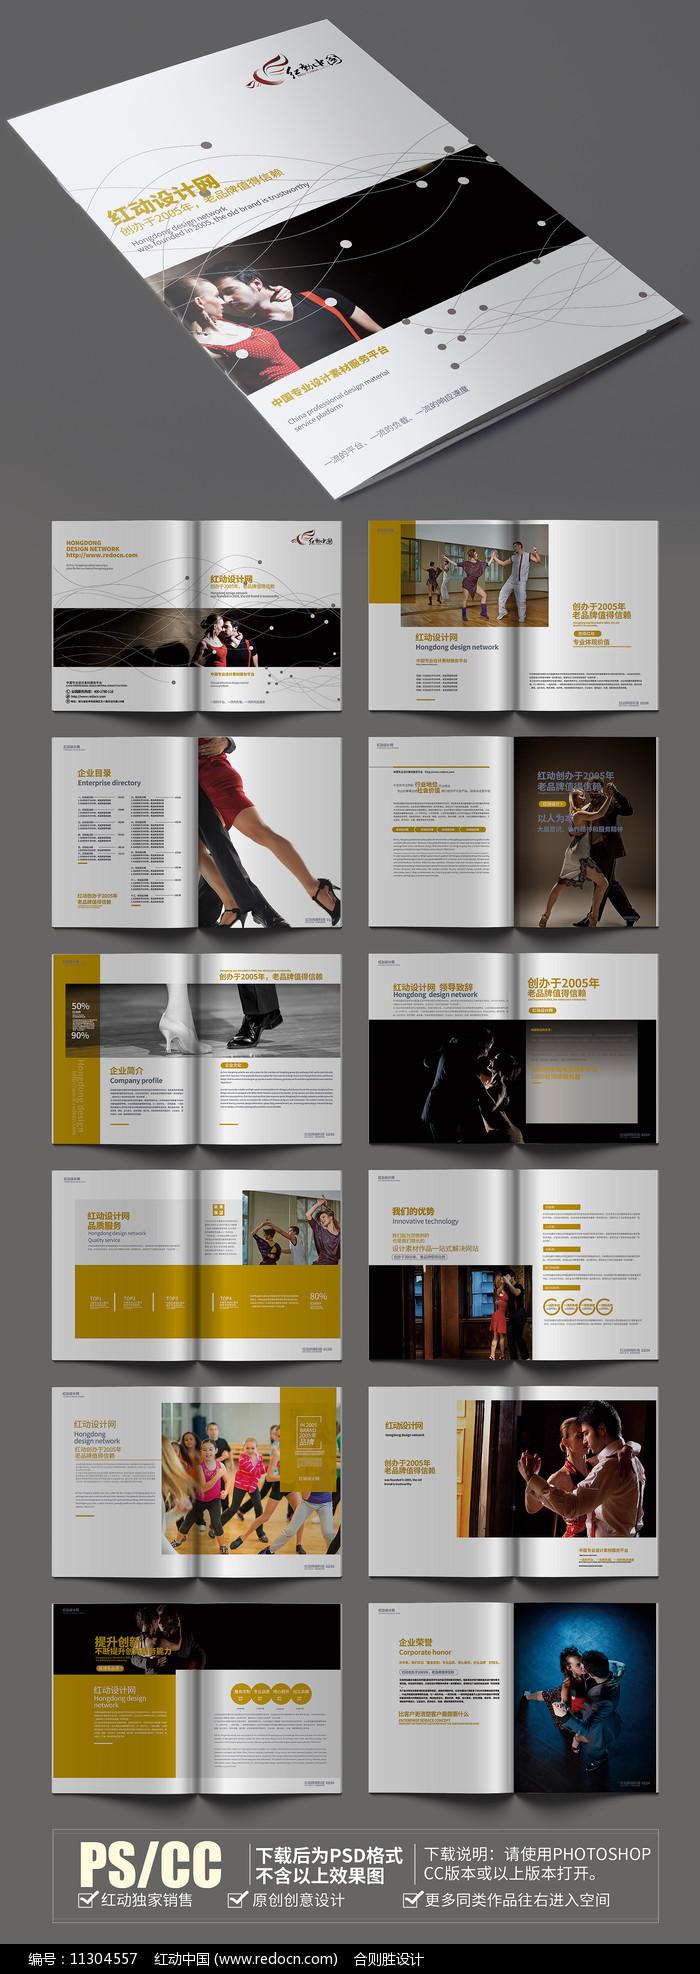 简约时尚拉丁舞舞蹈画册模板设计